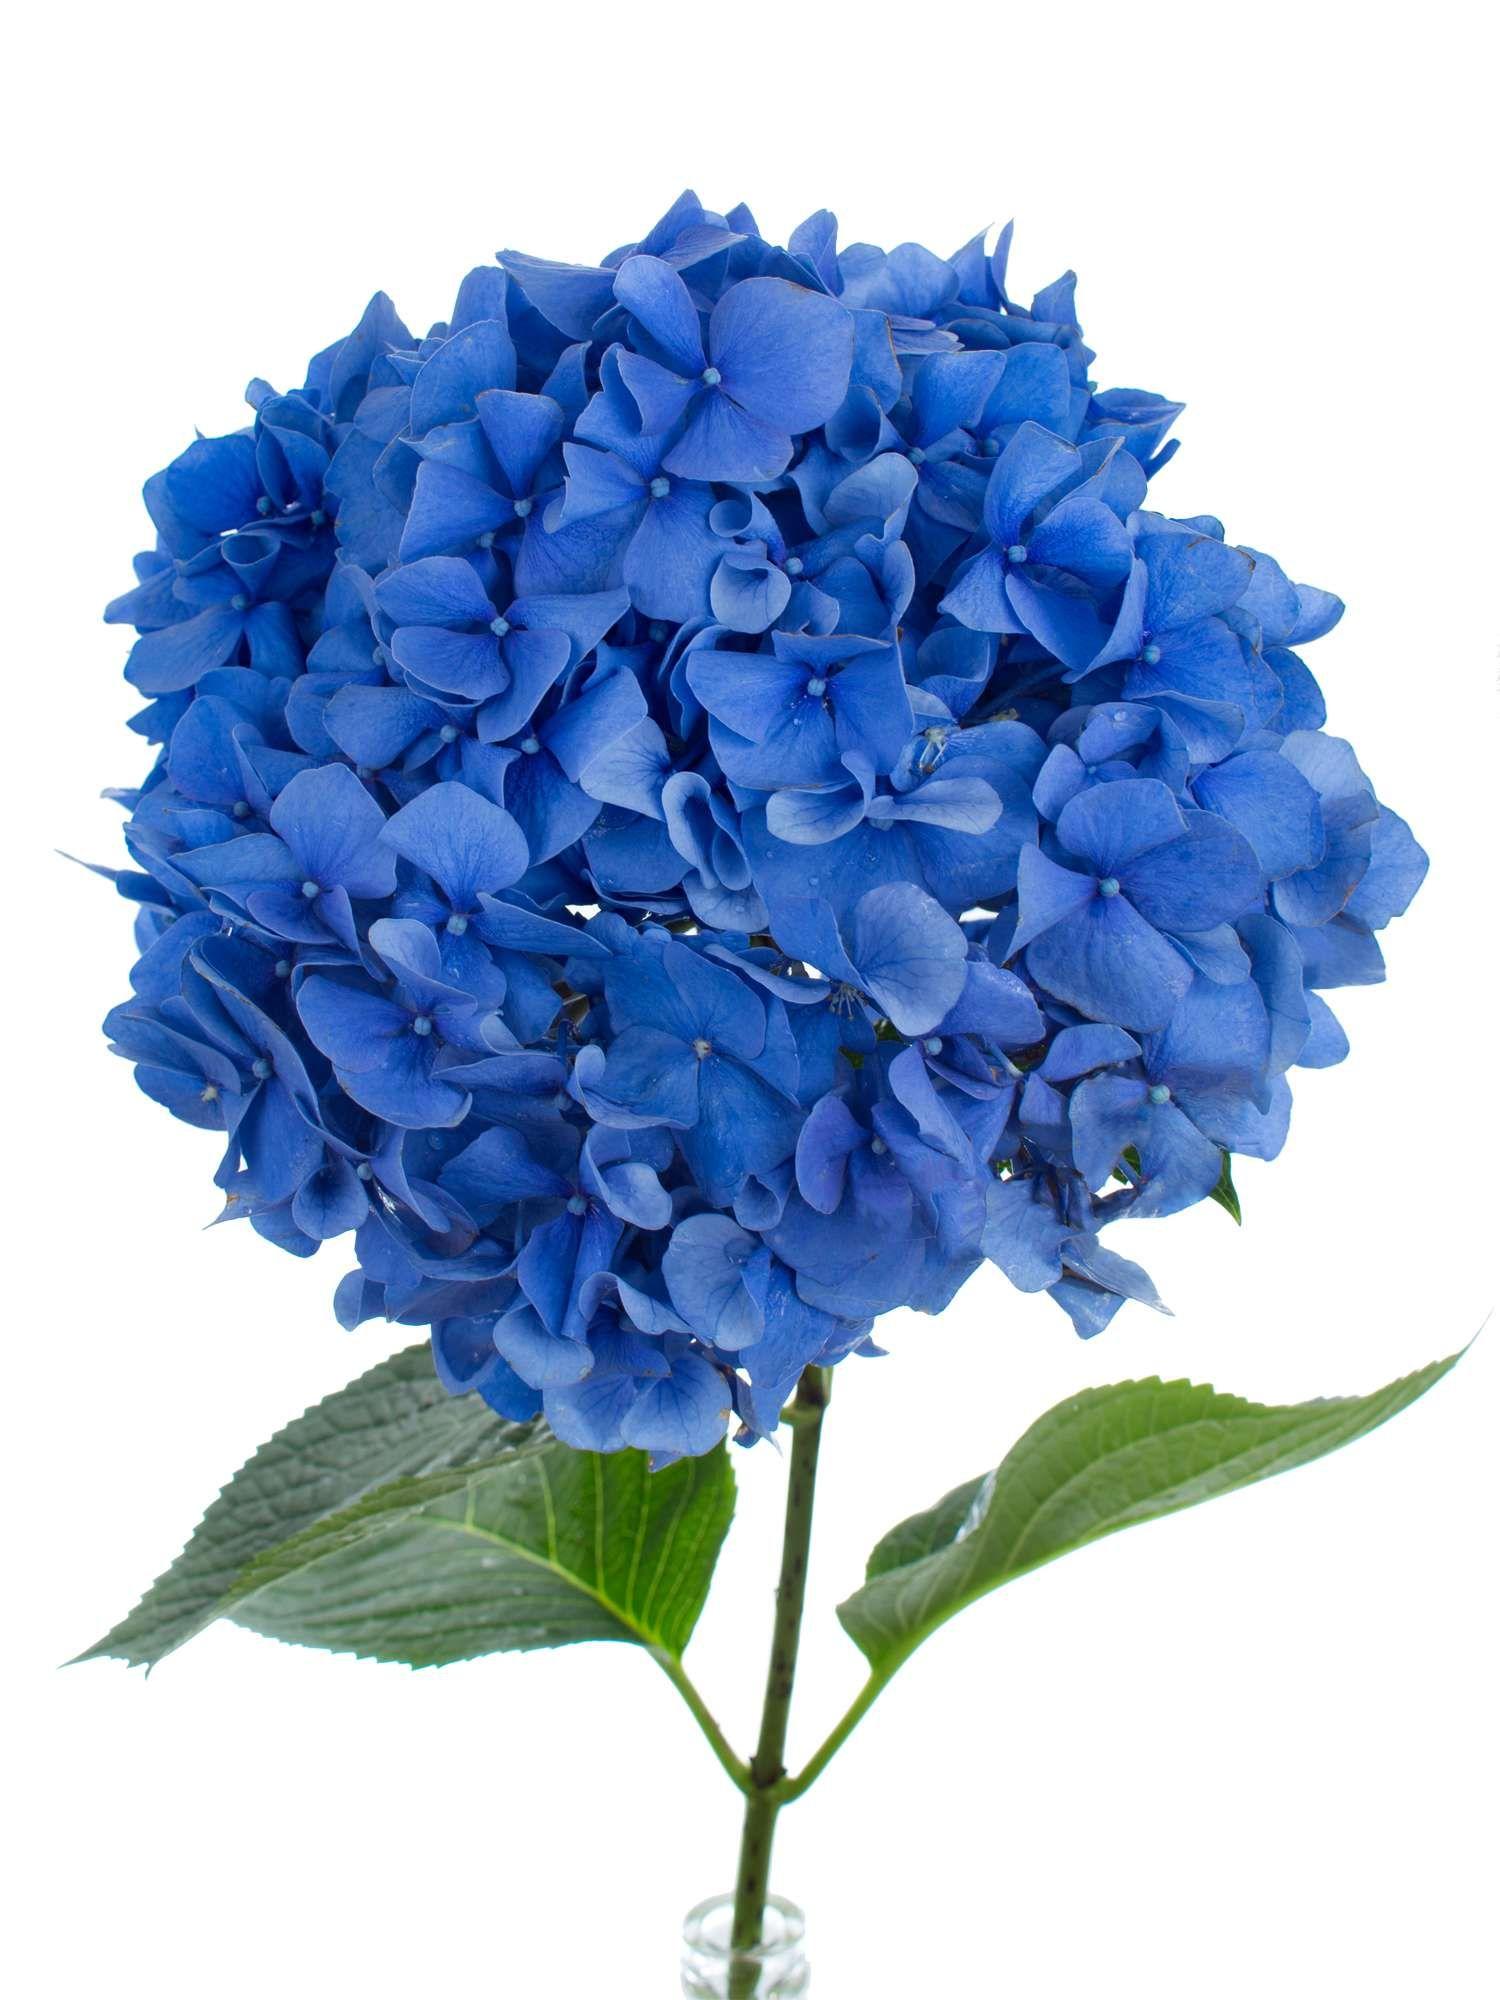 Hortensie Pimpernel blau  a Hydrangeas  Pinterest